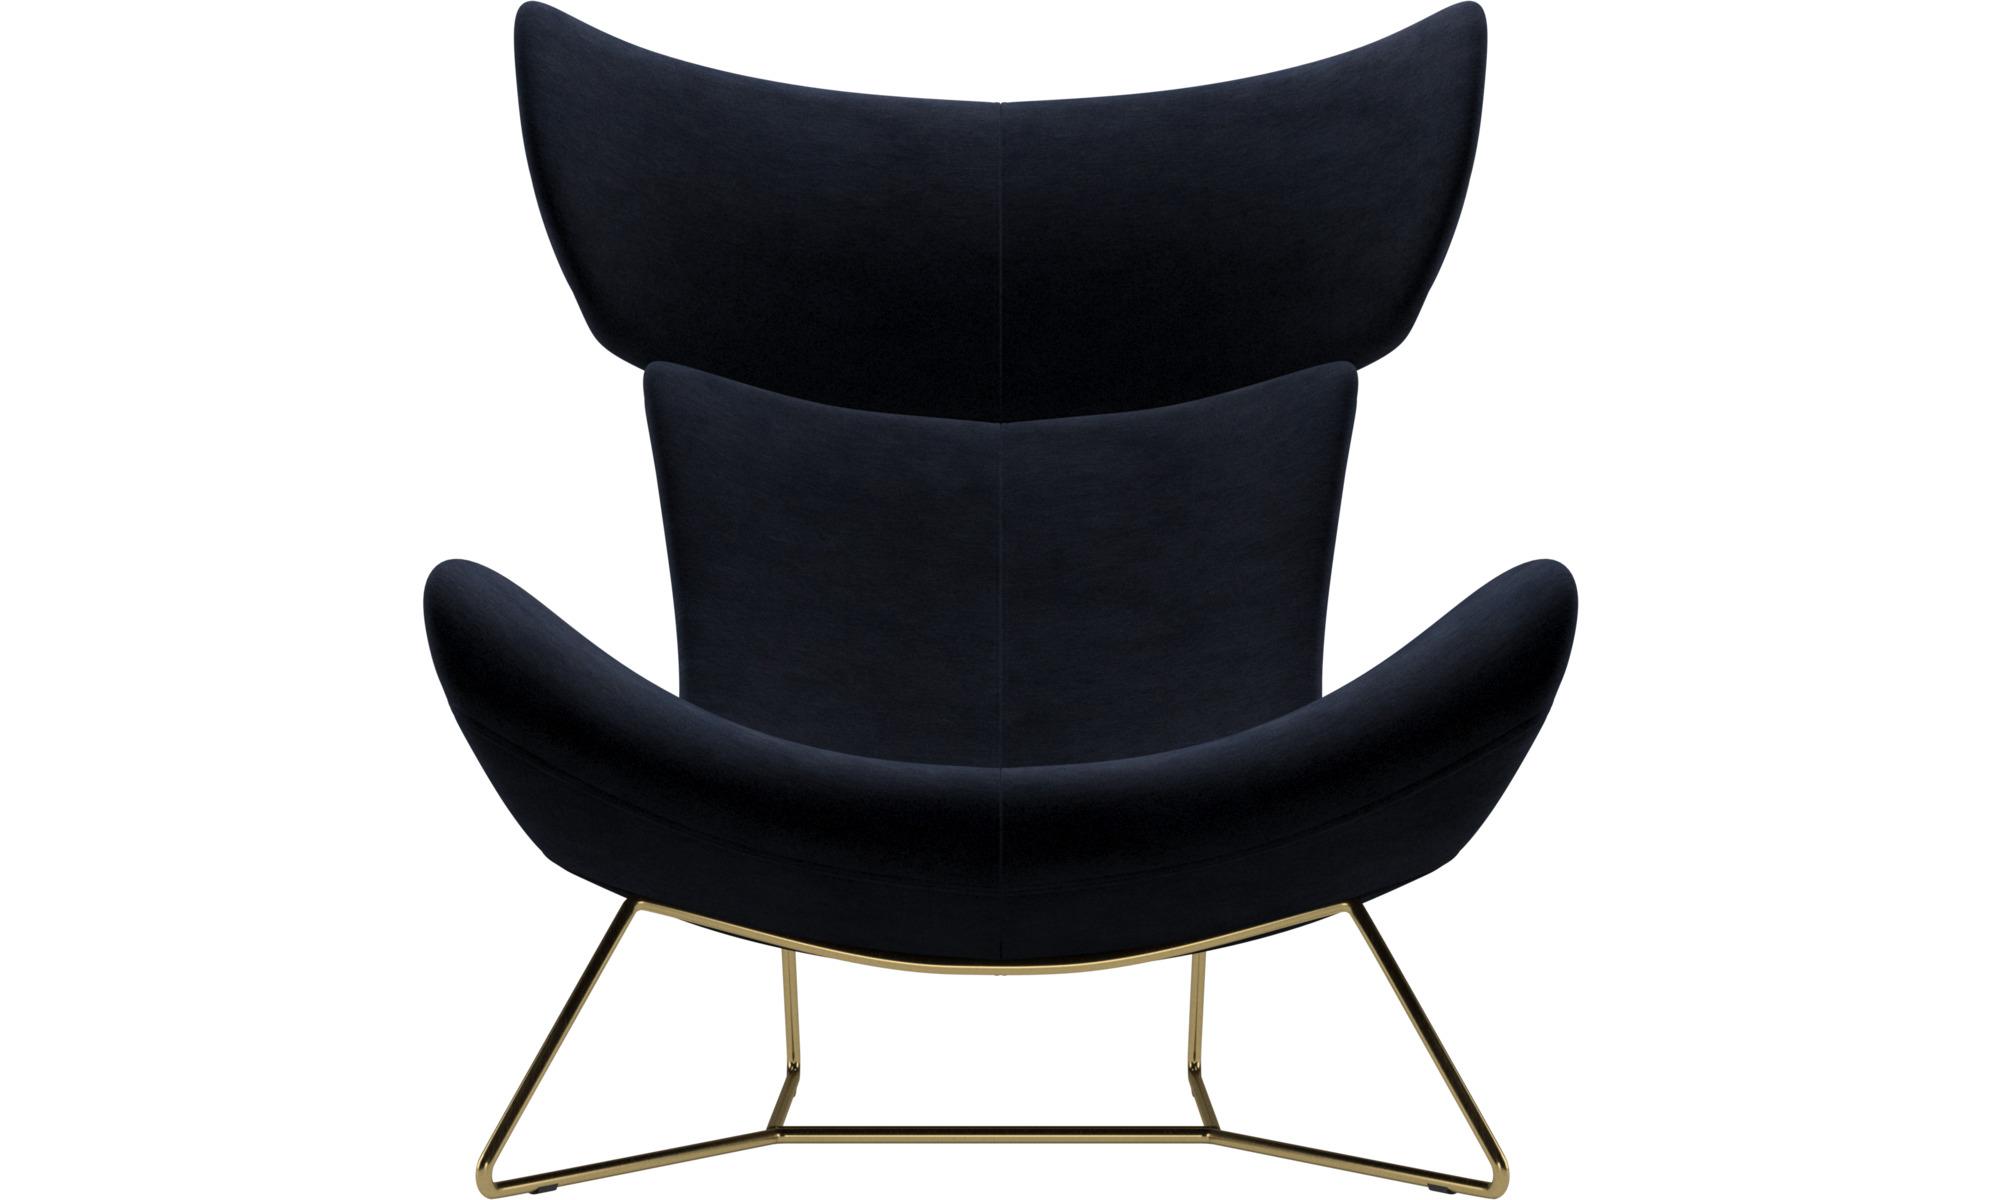 fotele fotel imola boconcept. Black Bedroom Furniture Sets. Home Design Ideas